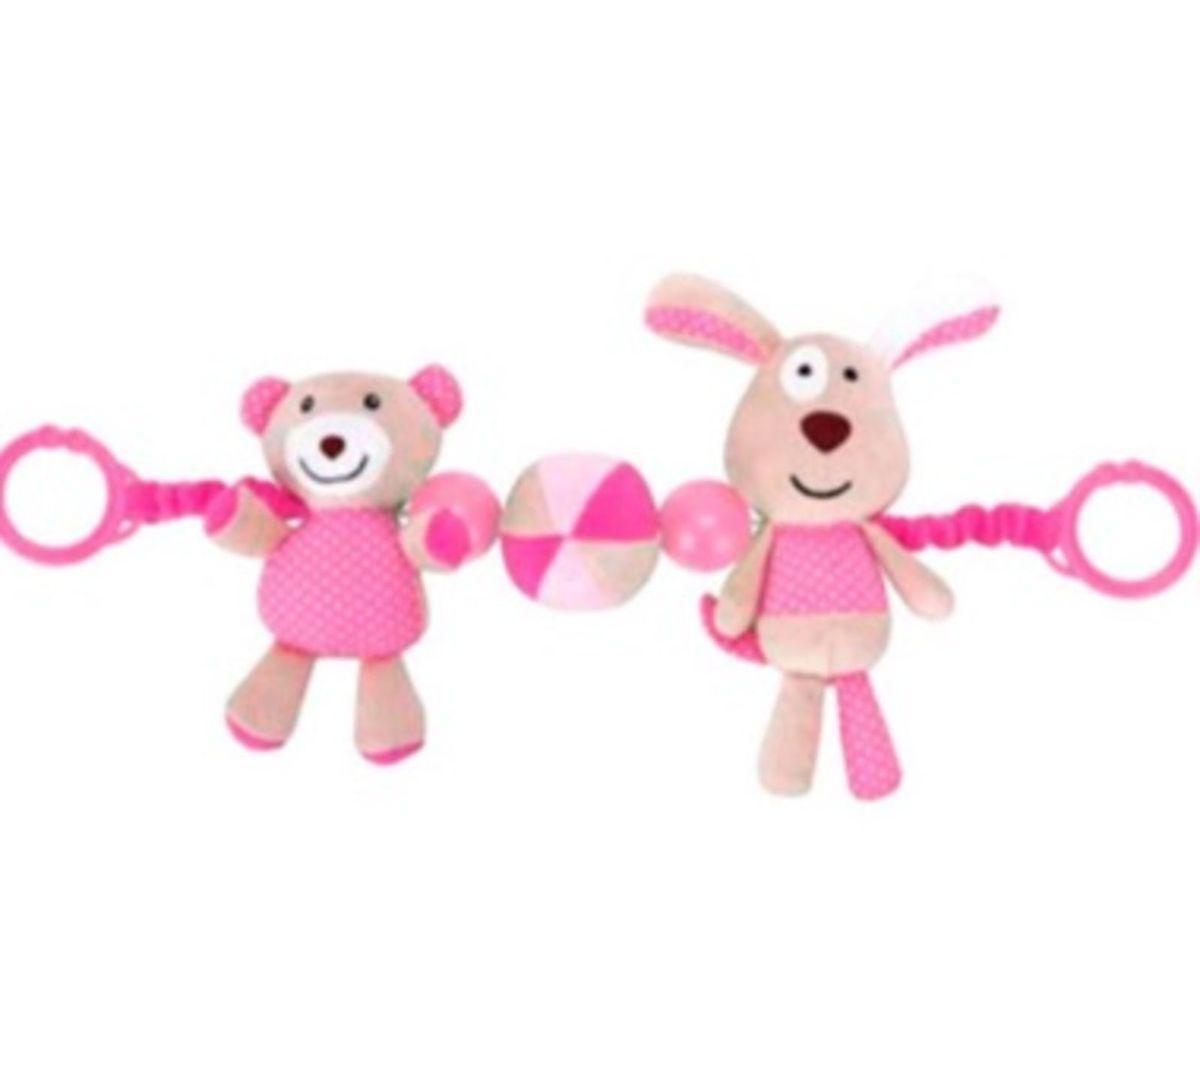 atividades para carrinho buba toys ursinha - carrinhos buba toys